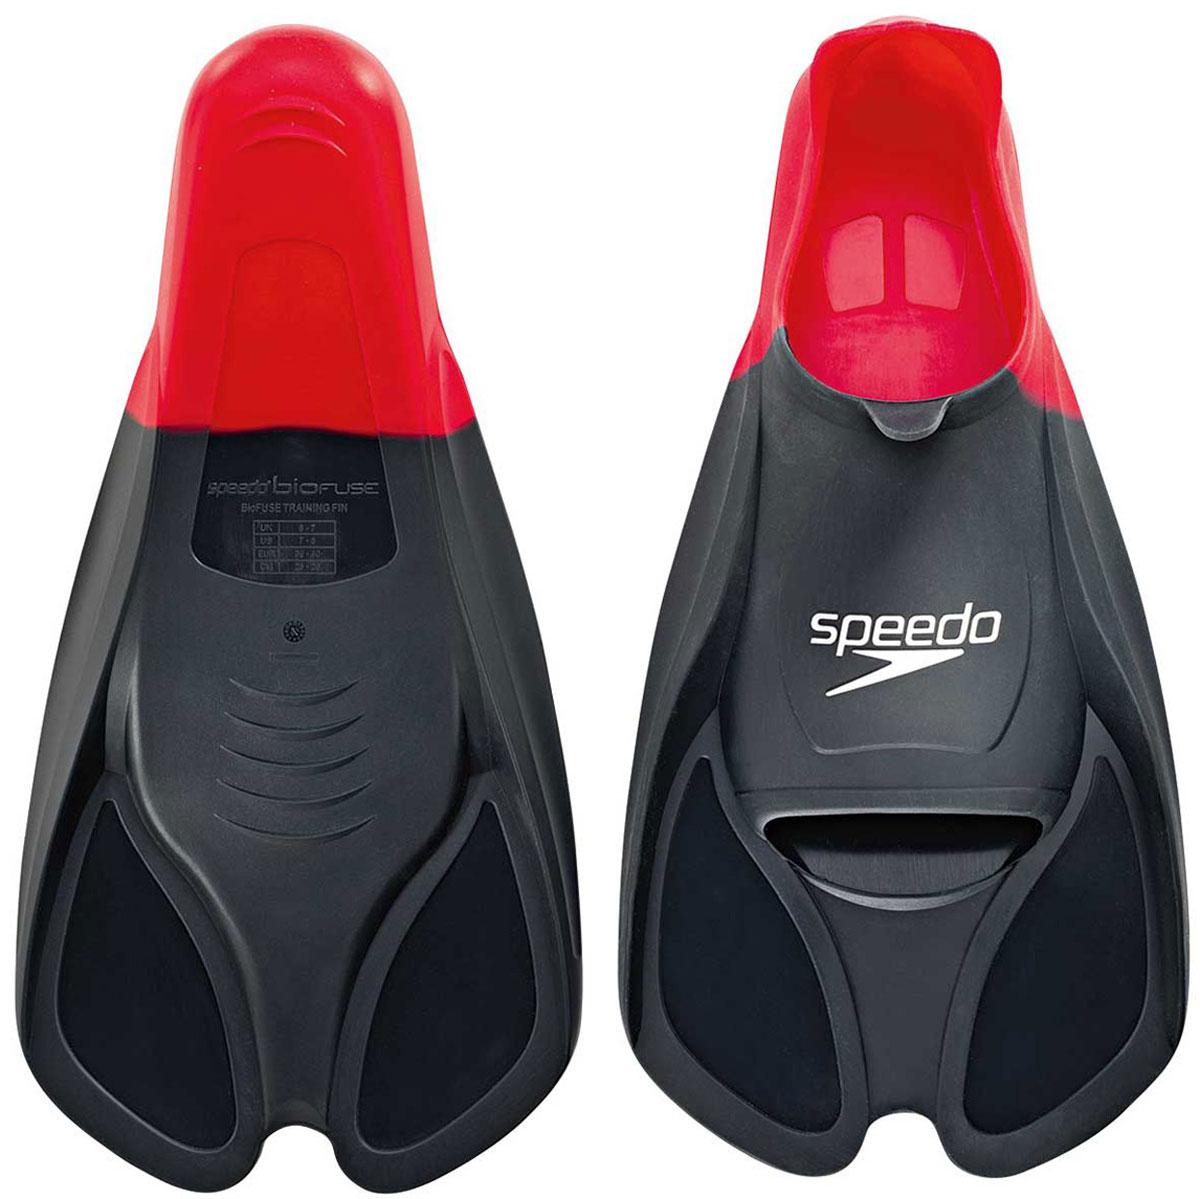 Ласты для плавания Speedo, цвет: красный. Размер 6-7. 8-088413991